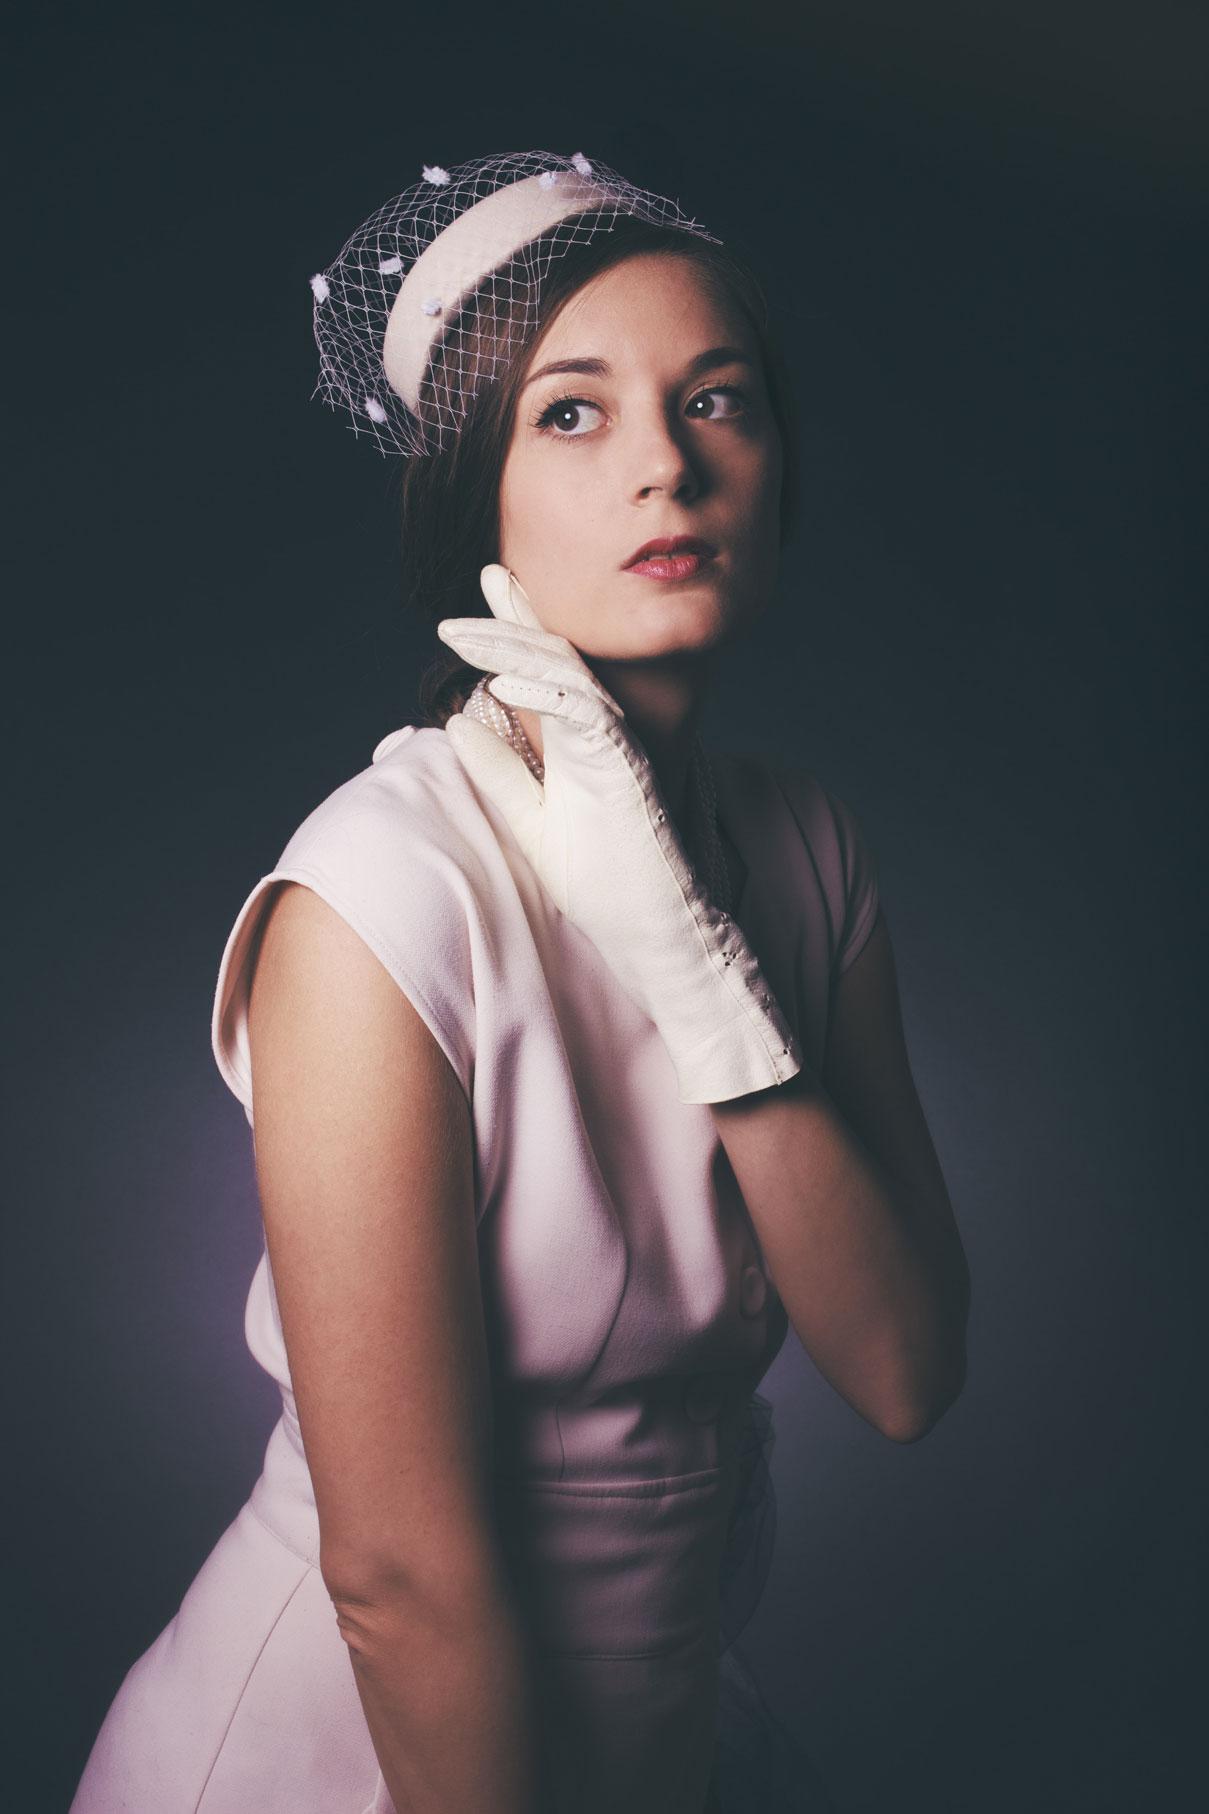 portrait de femme type années 50